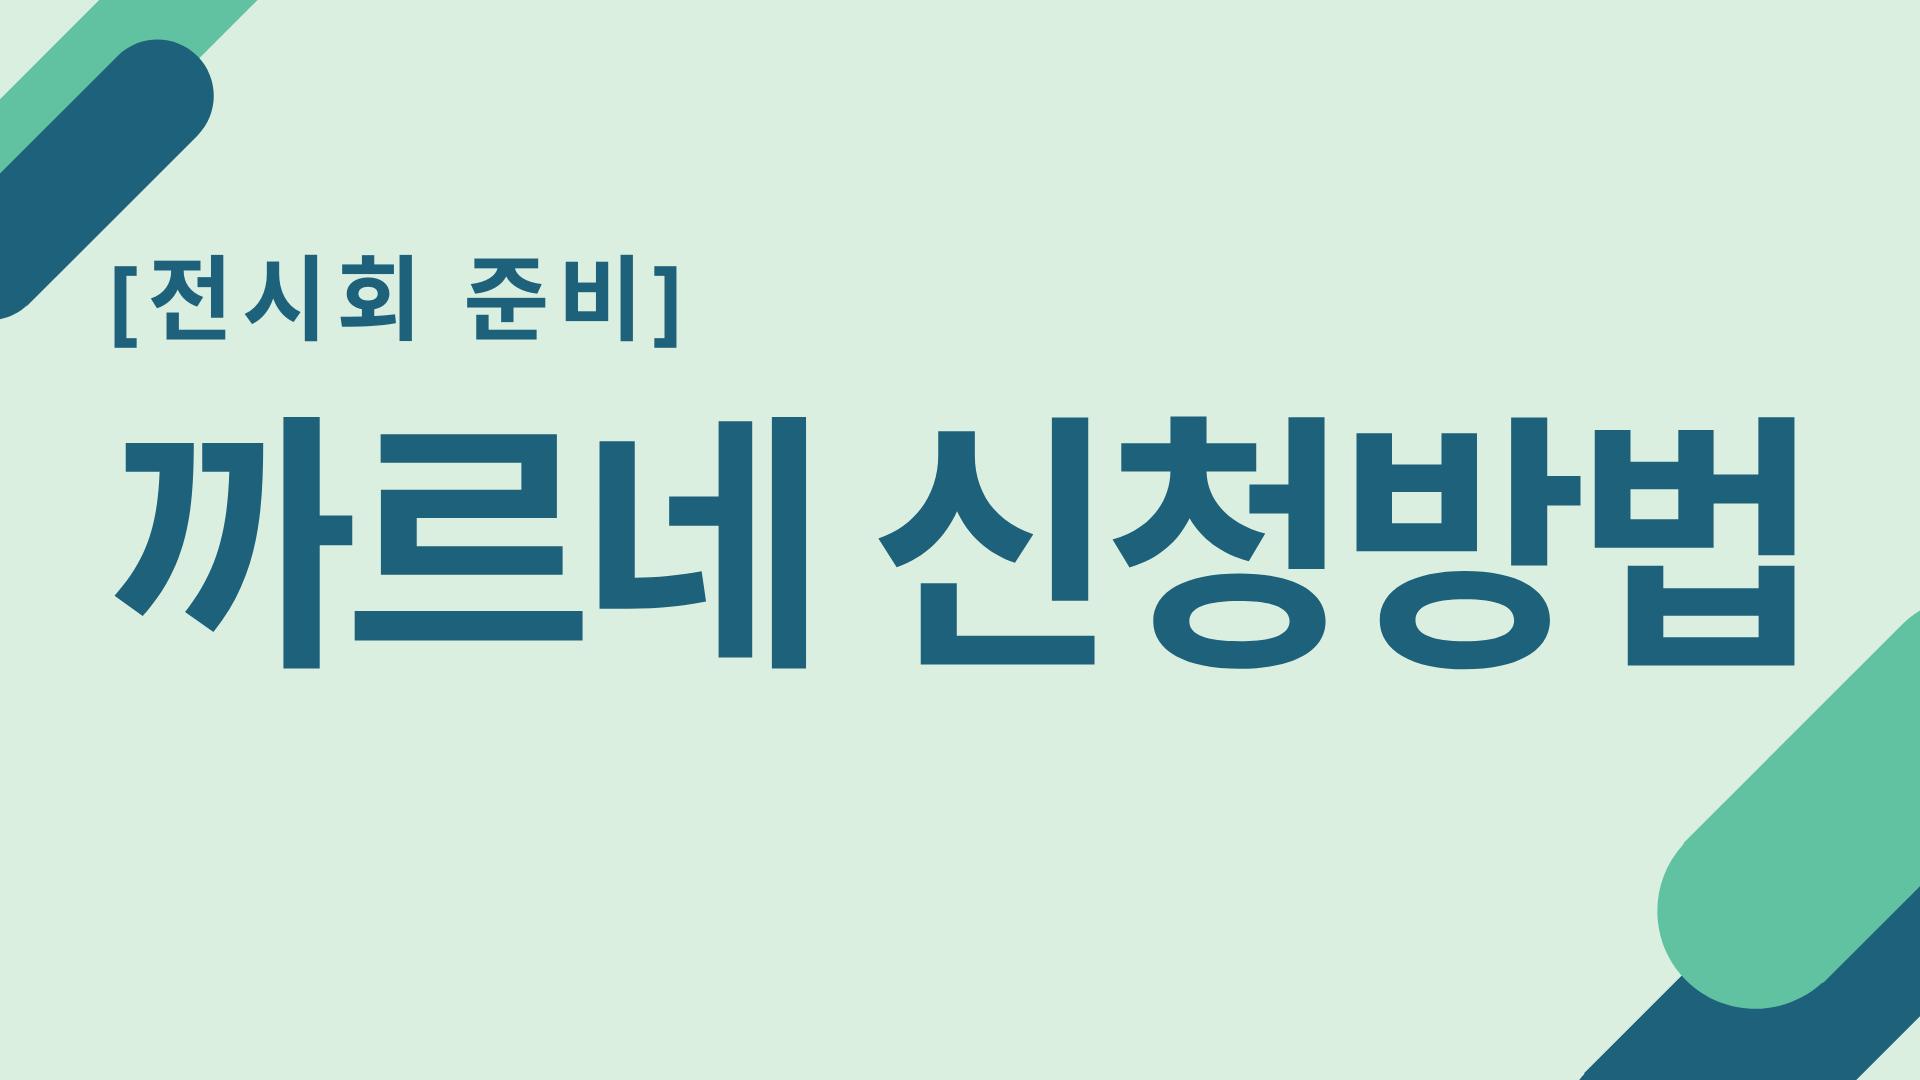 [박람회 전시품 전용 운송 통관] 관세없이 전시품 보내는 방법 (feat. 까르네, ATA Carnet)